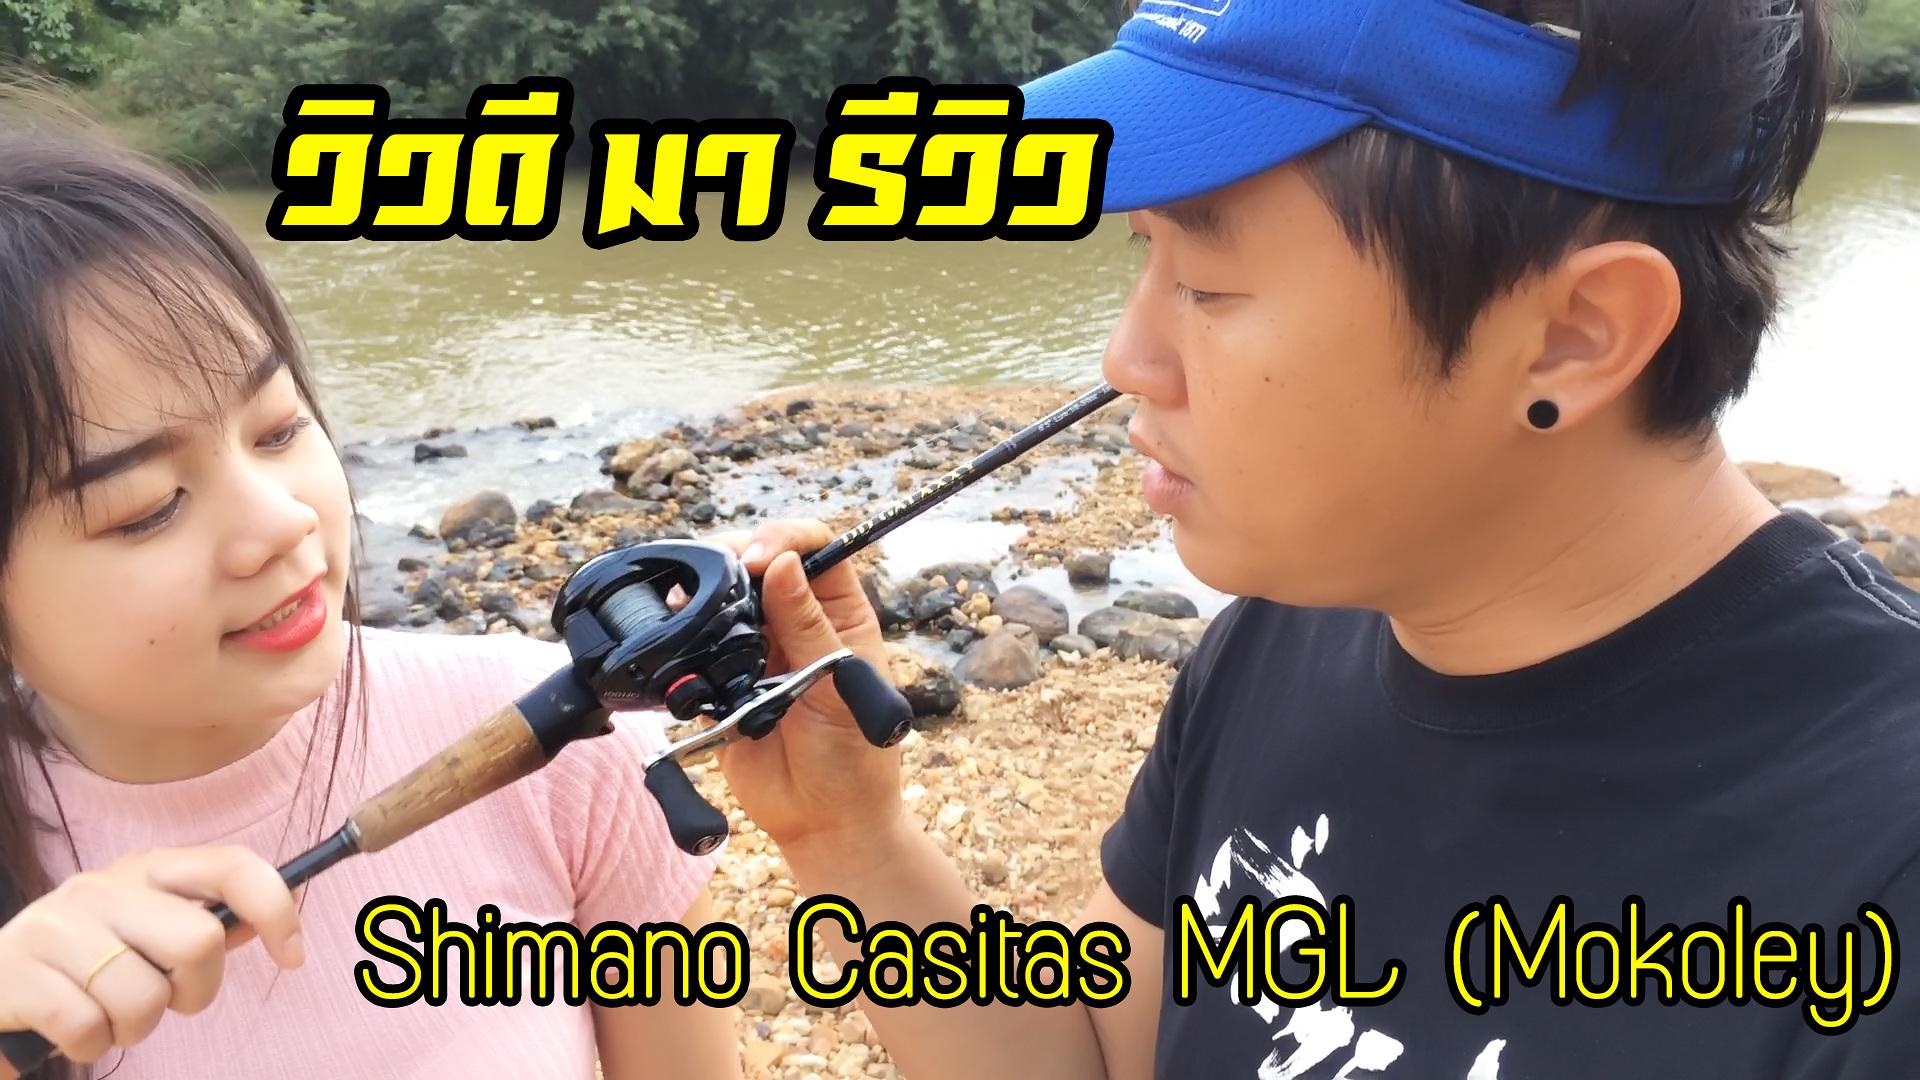 วิวดี มา รีวิว ตอน Shimano Casitas MGL (Mokoley)